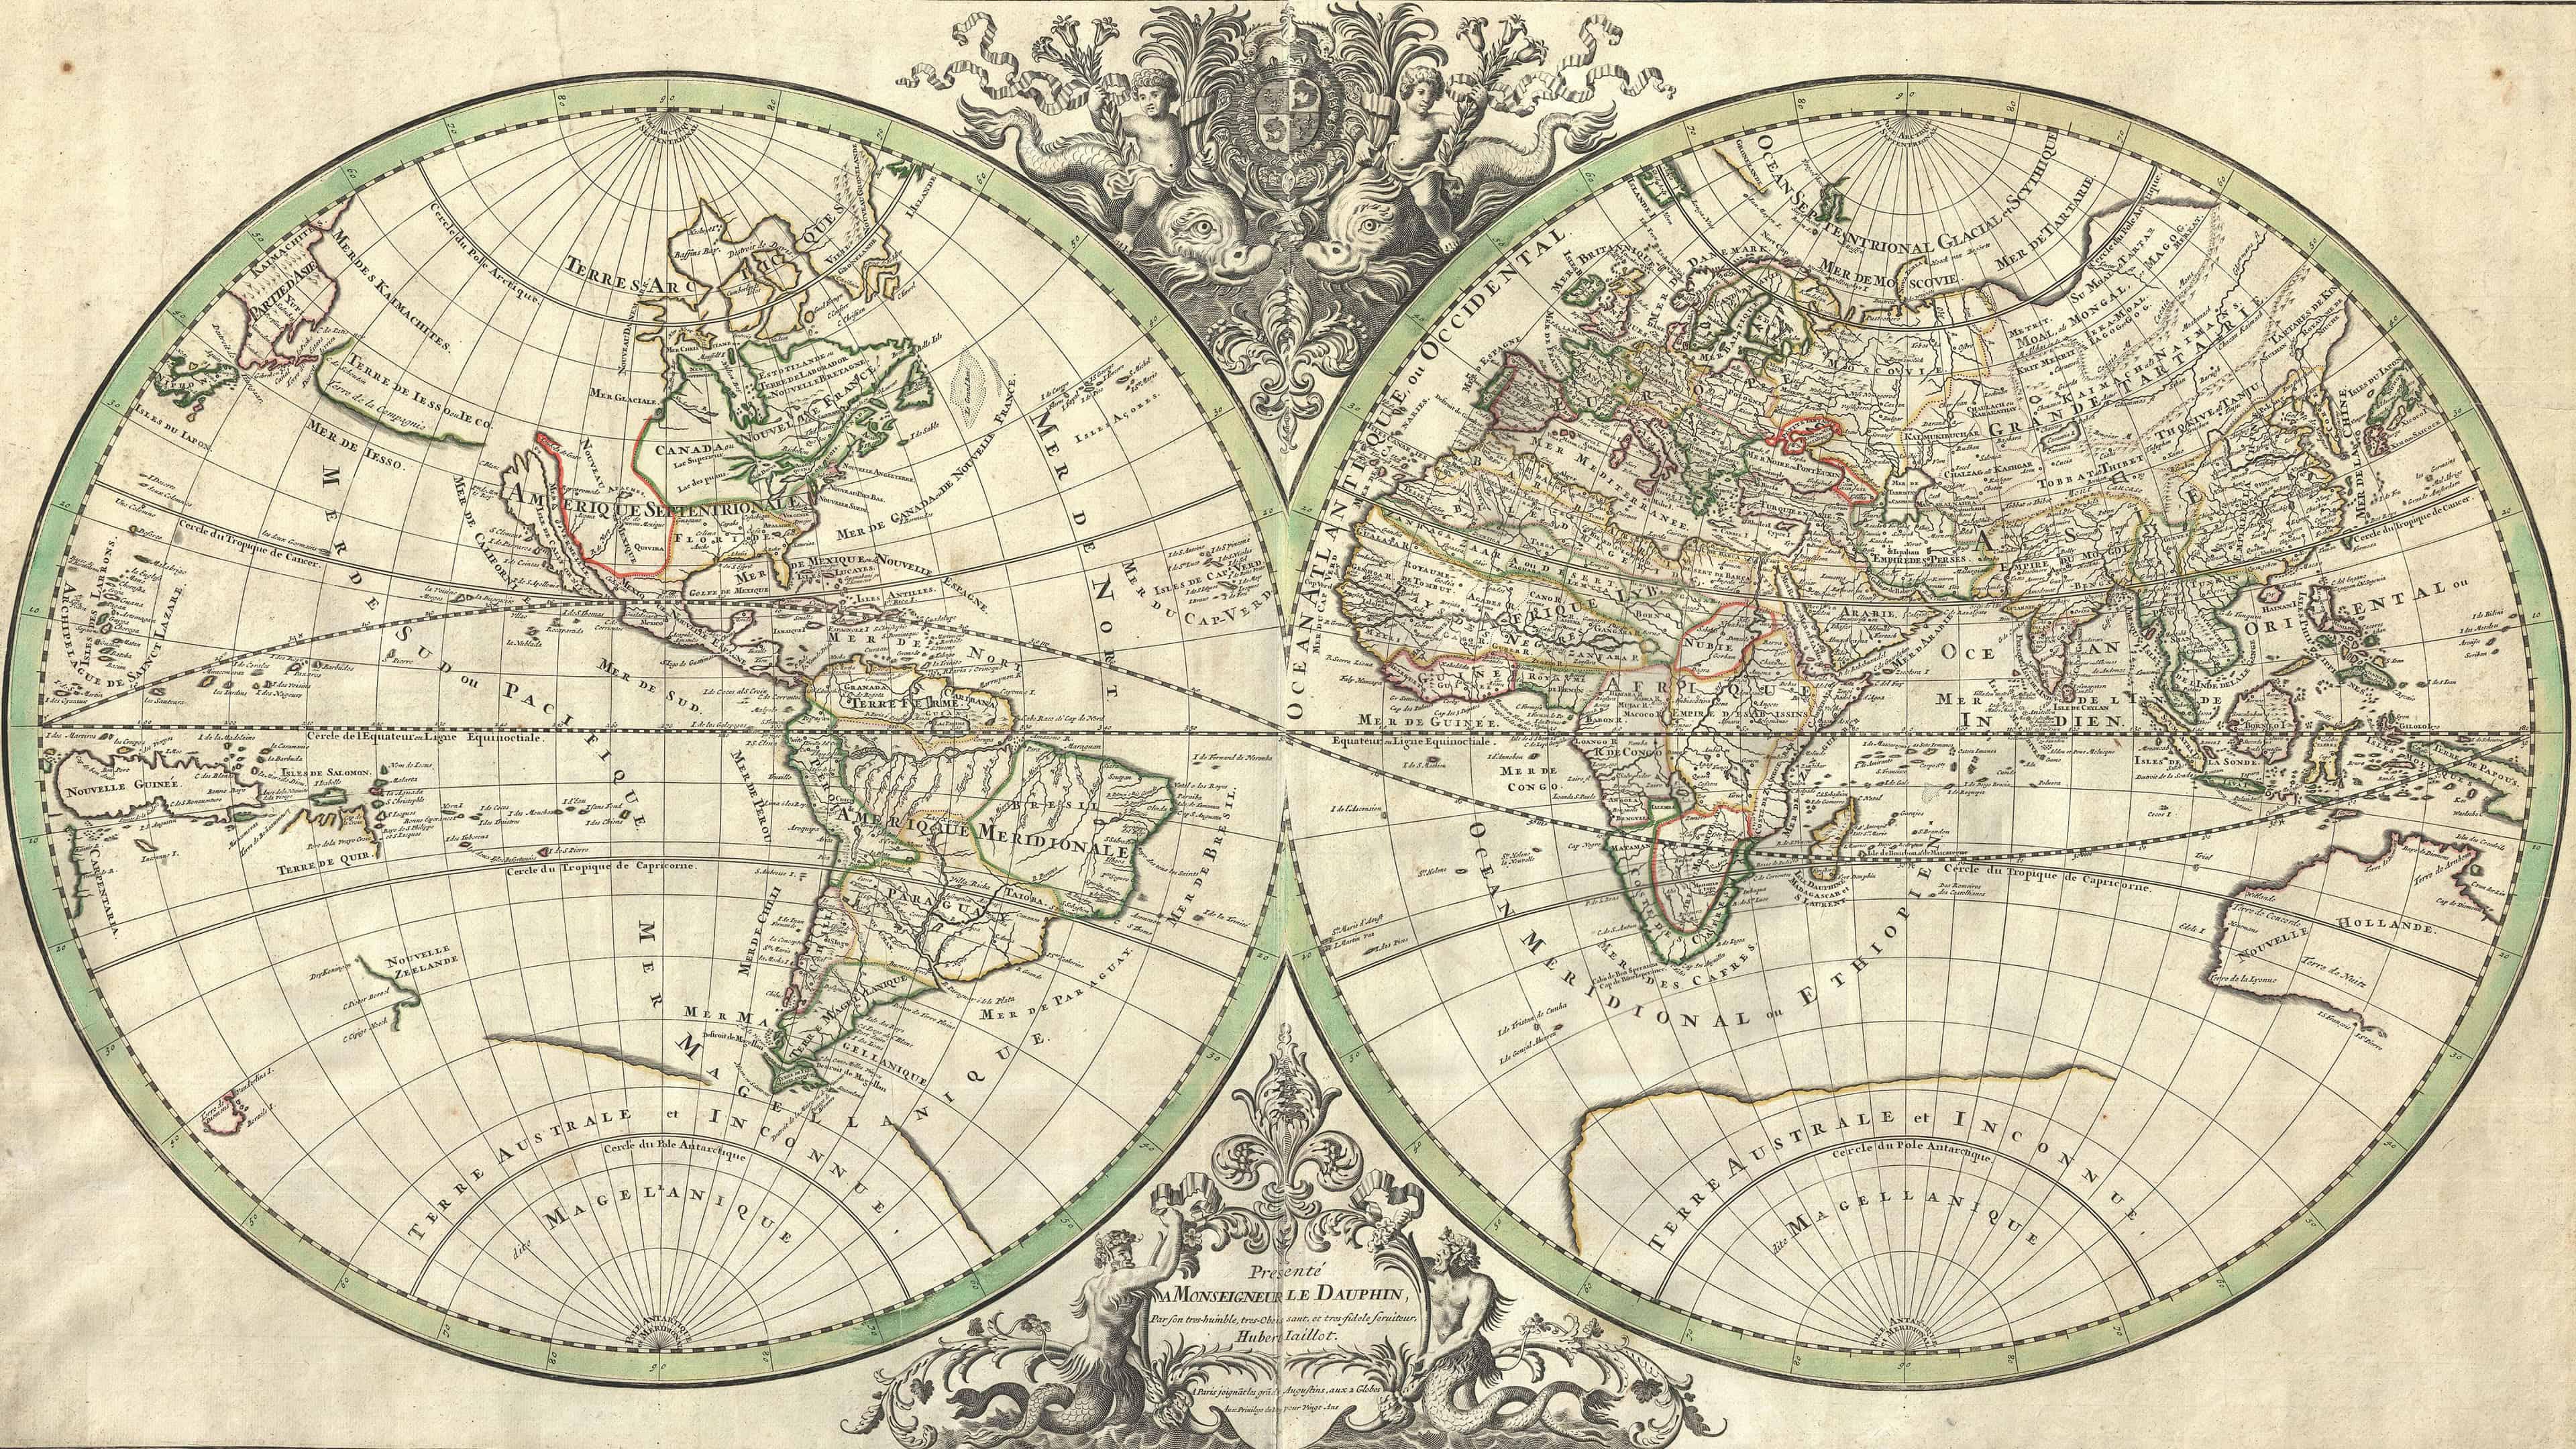 Hình nền UHD 4K của Bản đồ thế giới cổ điển Pháp 3840x2160